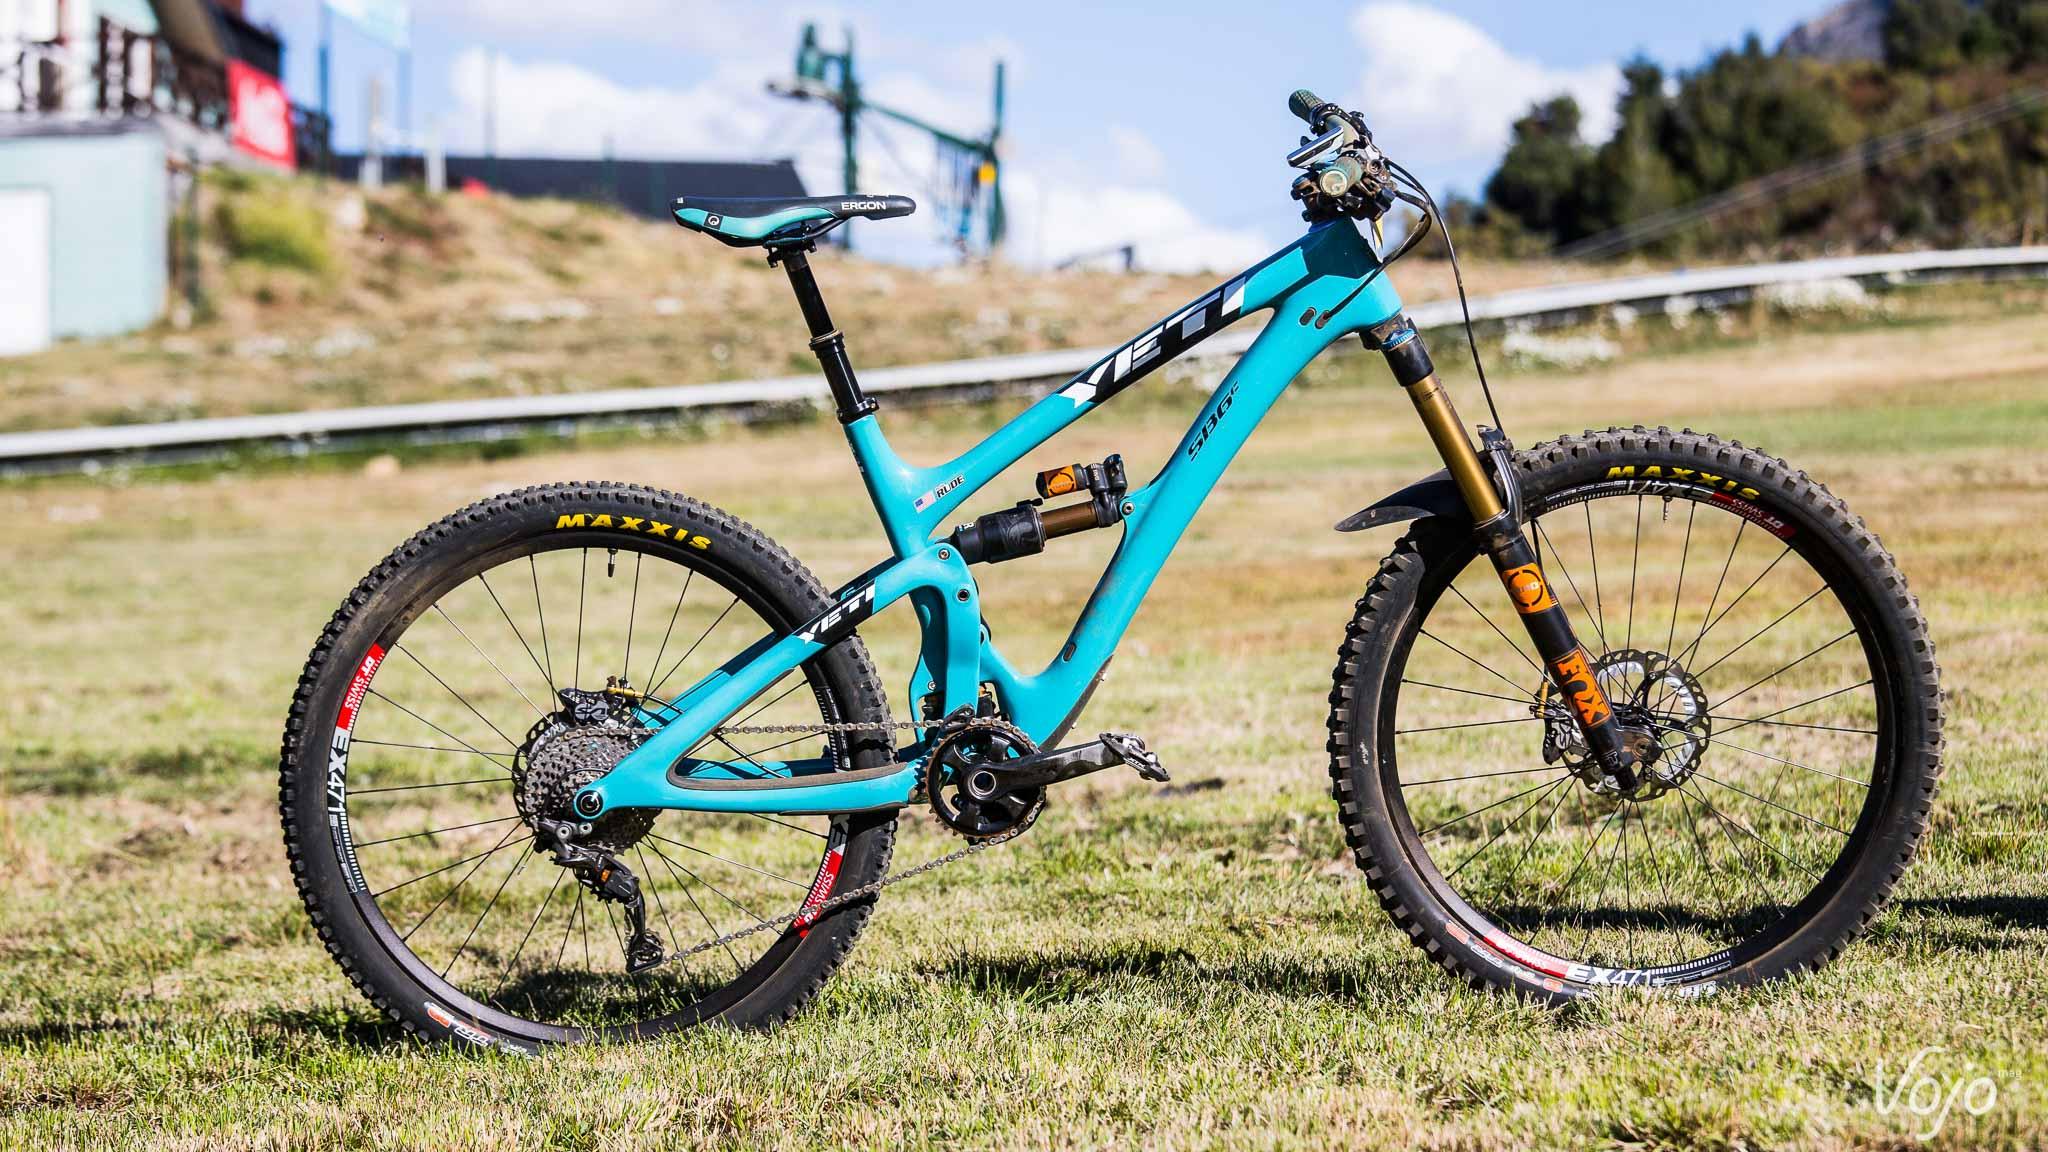 Richie_Rube_Yeti_SB6c_Bikecheck_Copyright_OBeart_VojoMag-2